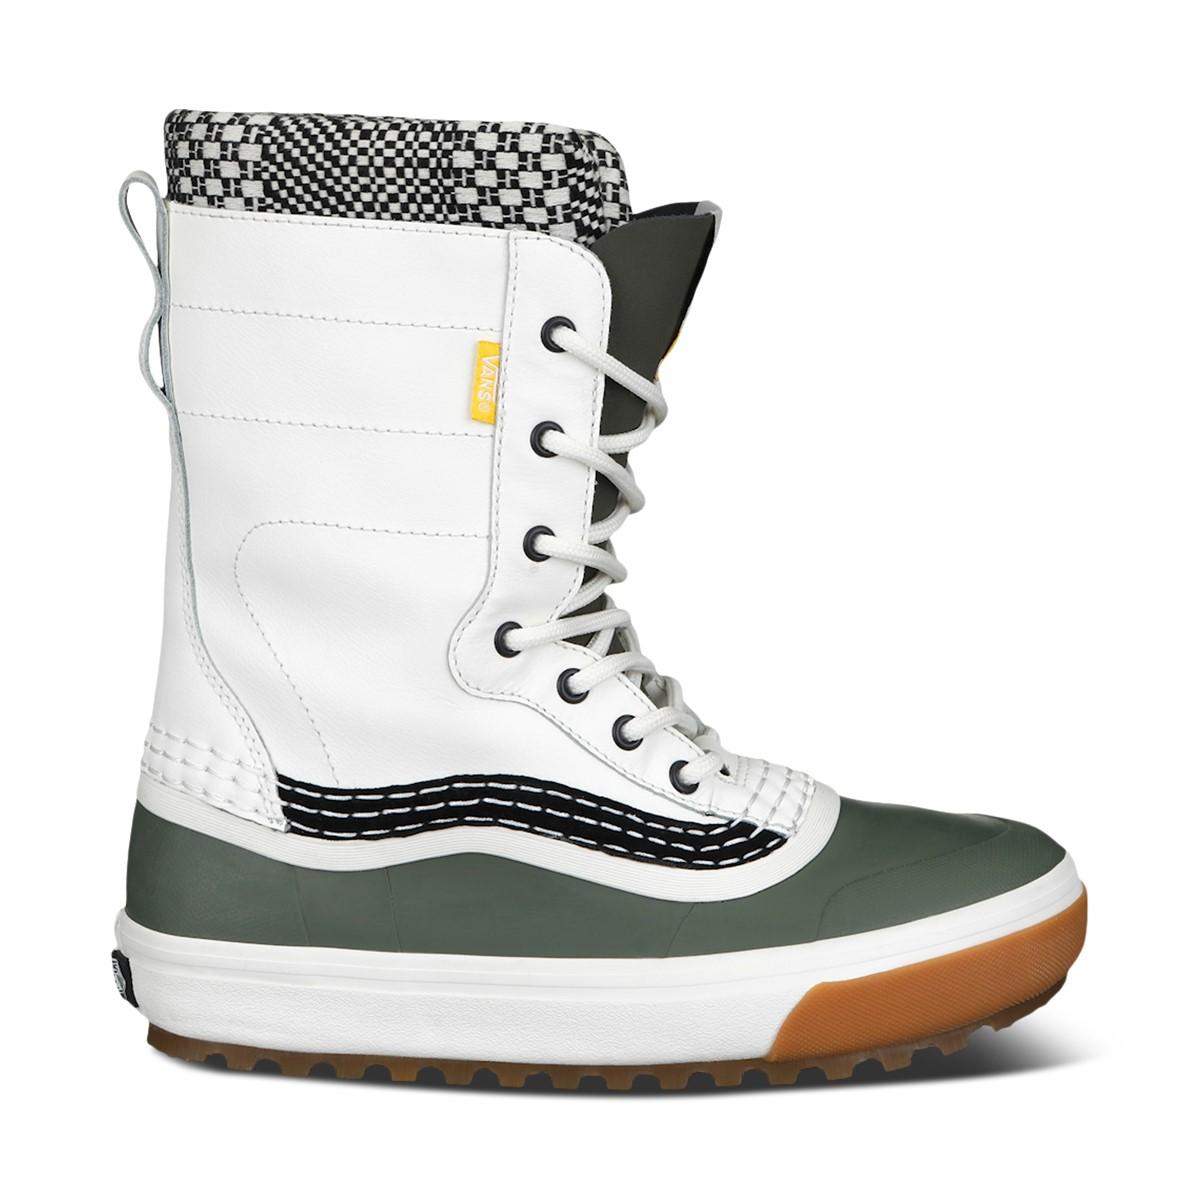 Women's Standard MTE Boots in White